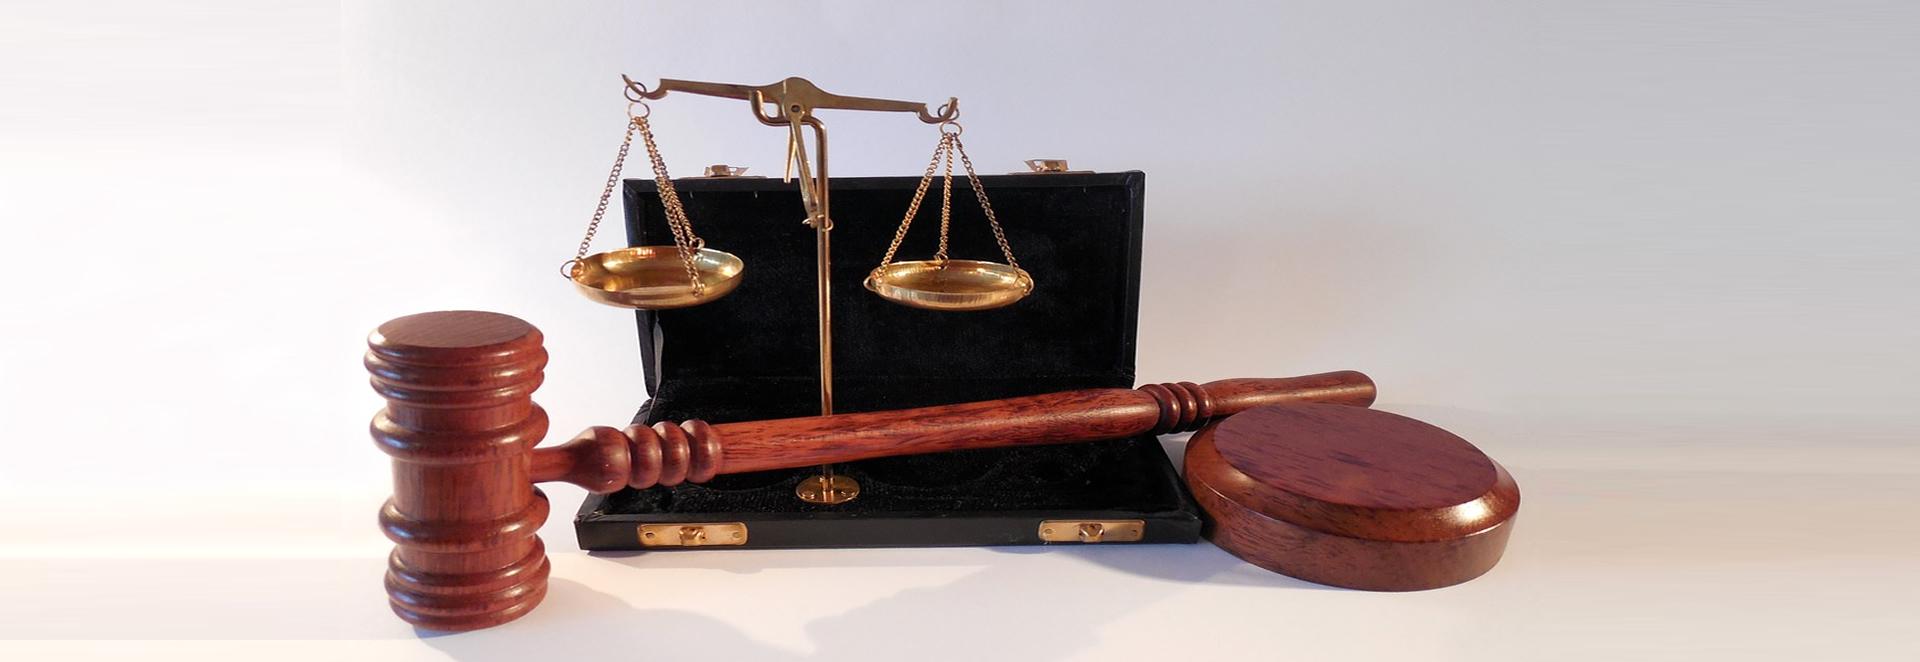 Die Rechtsschutzversicherung ist unverzichtbar für Unternehmen, Gewerbe und Selbständige